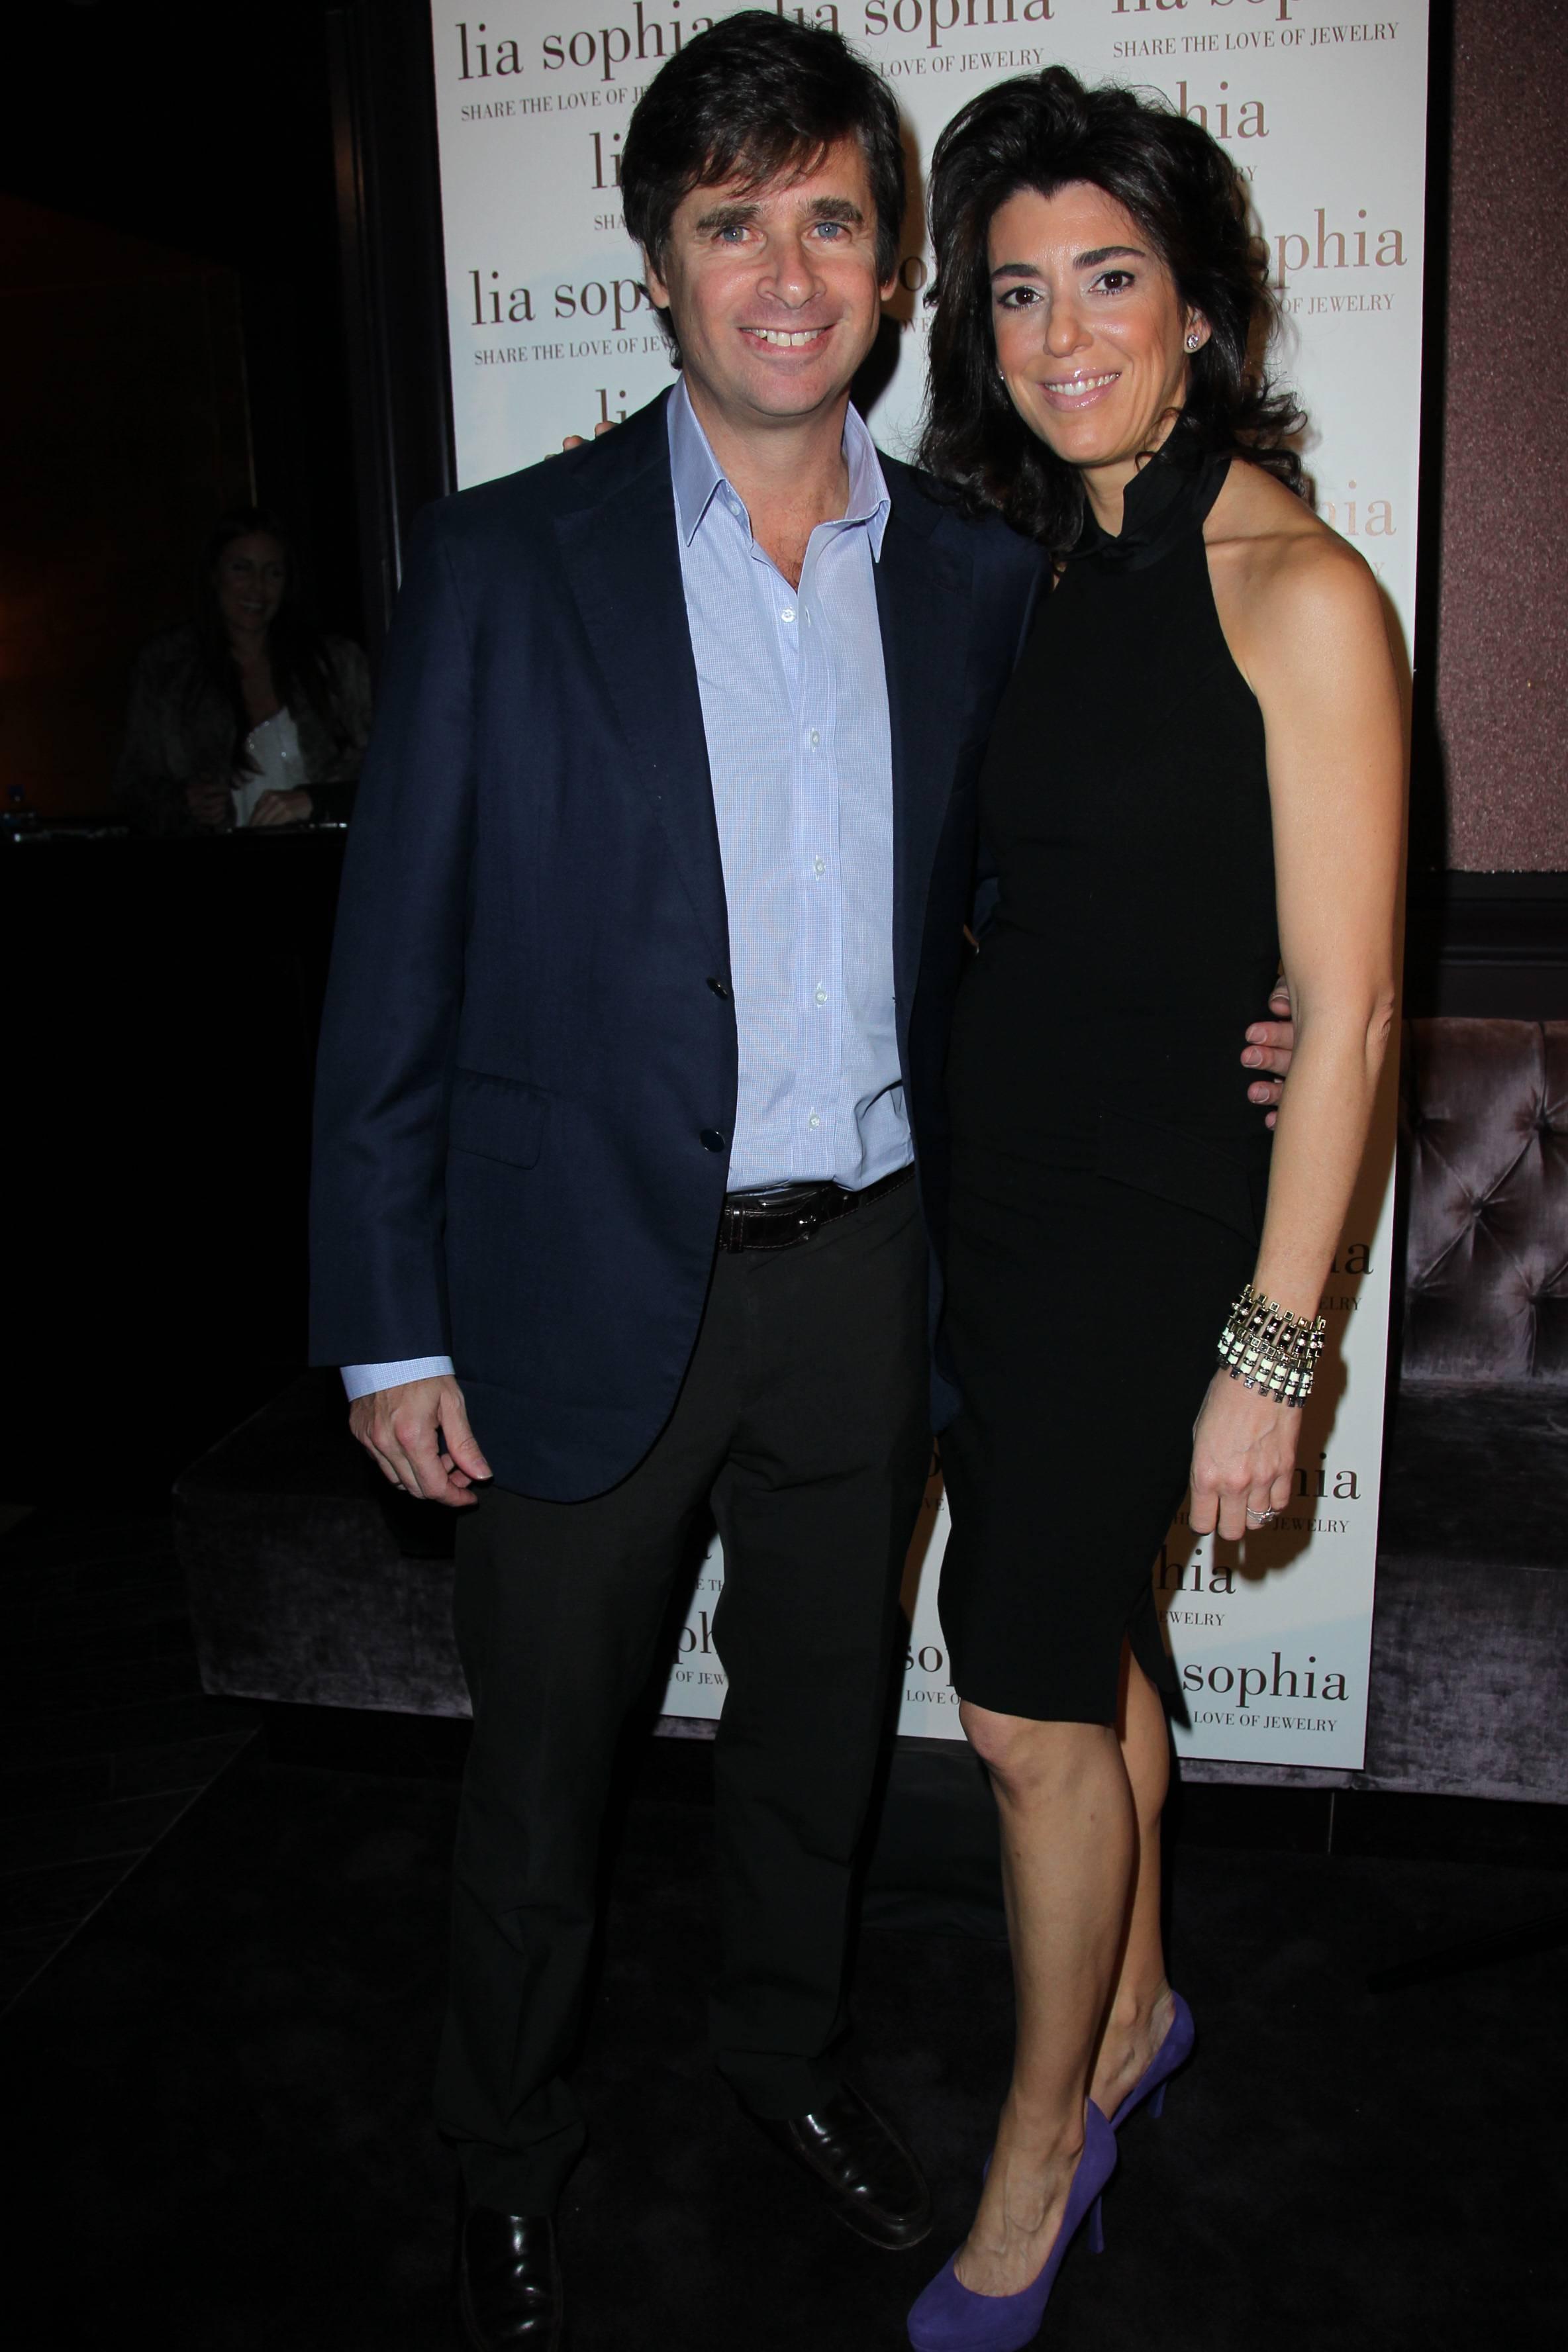 Tory and Elena Kiam